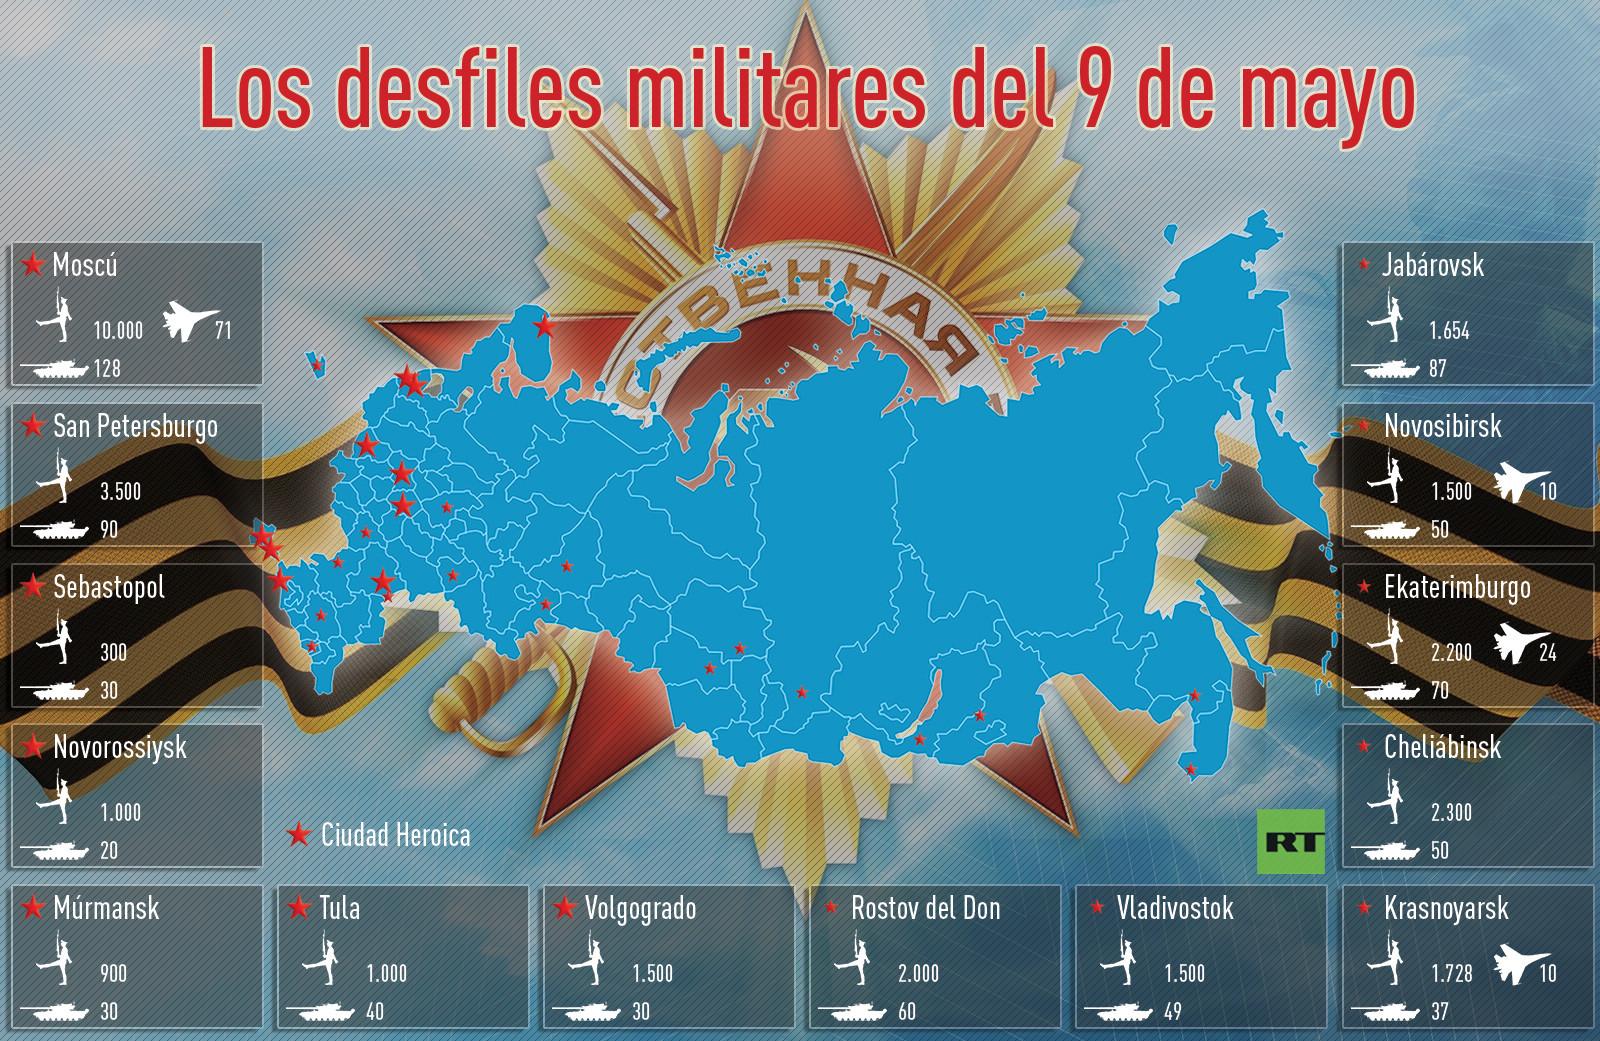 desarrollo defensa y tecnologia belica: Guía para no perder detalle ...